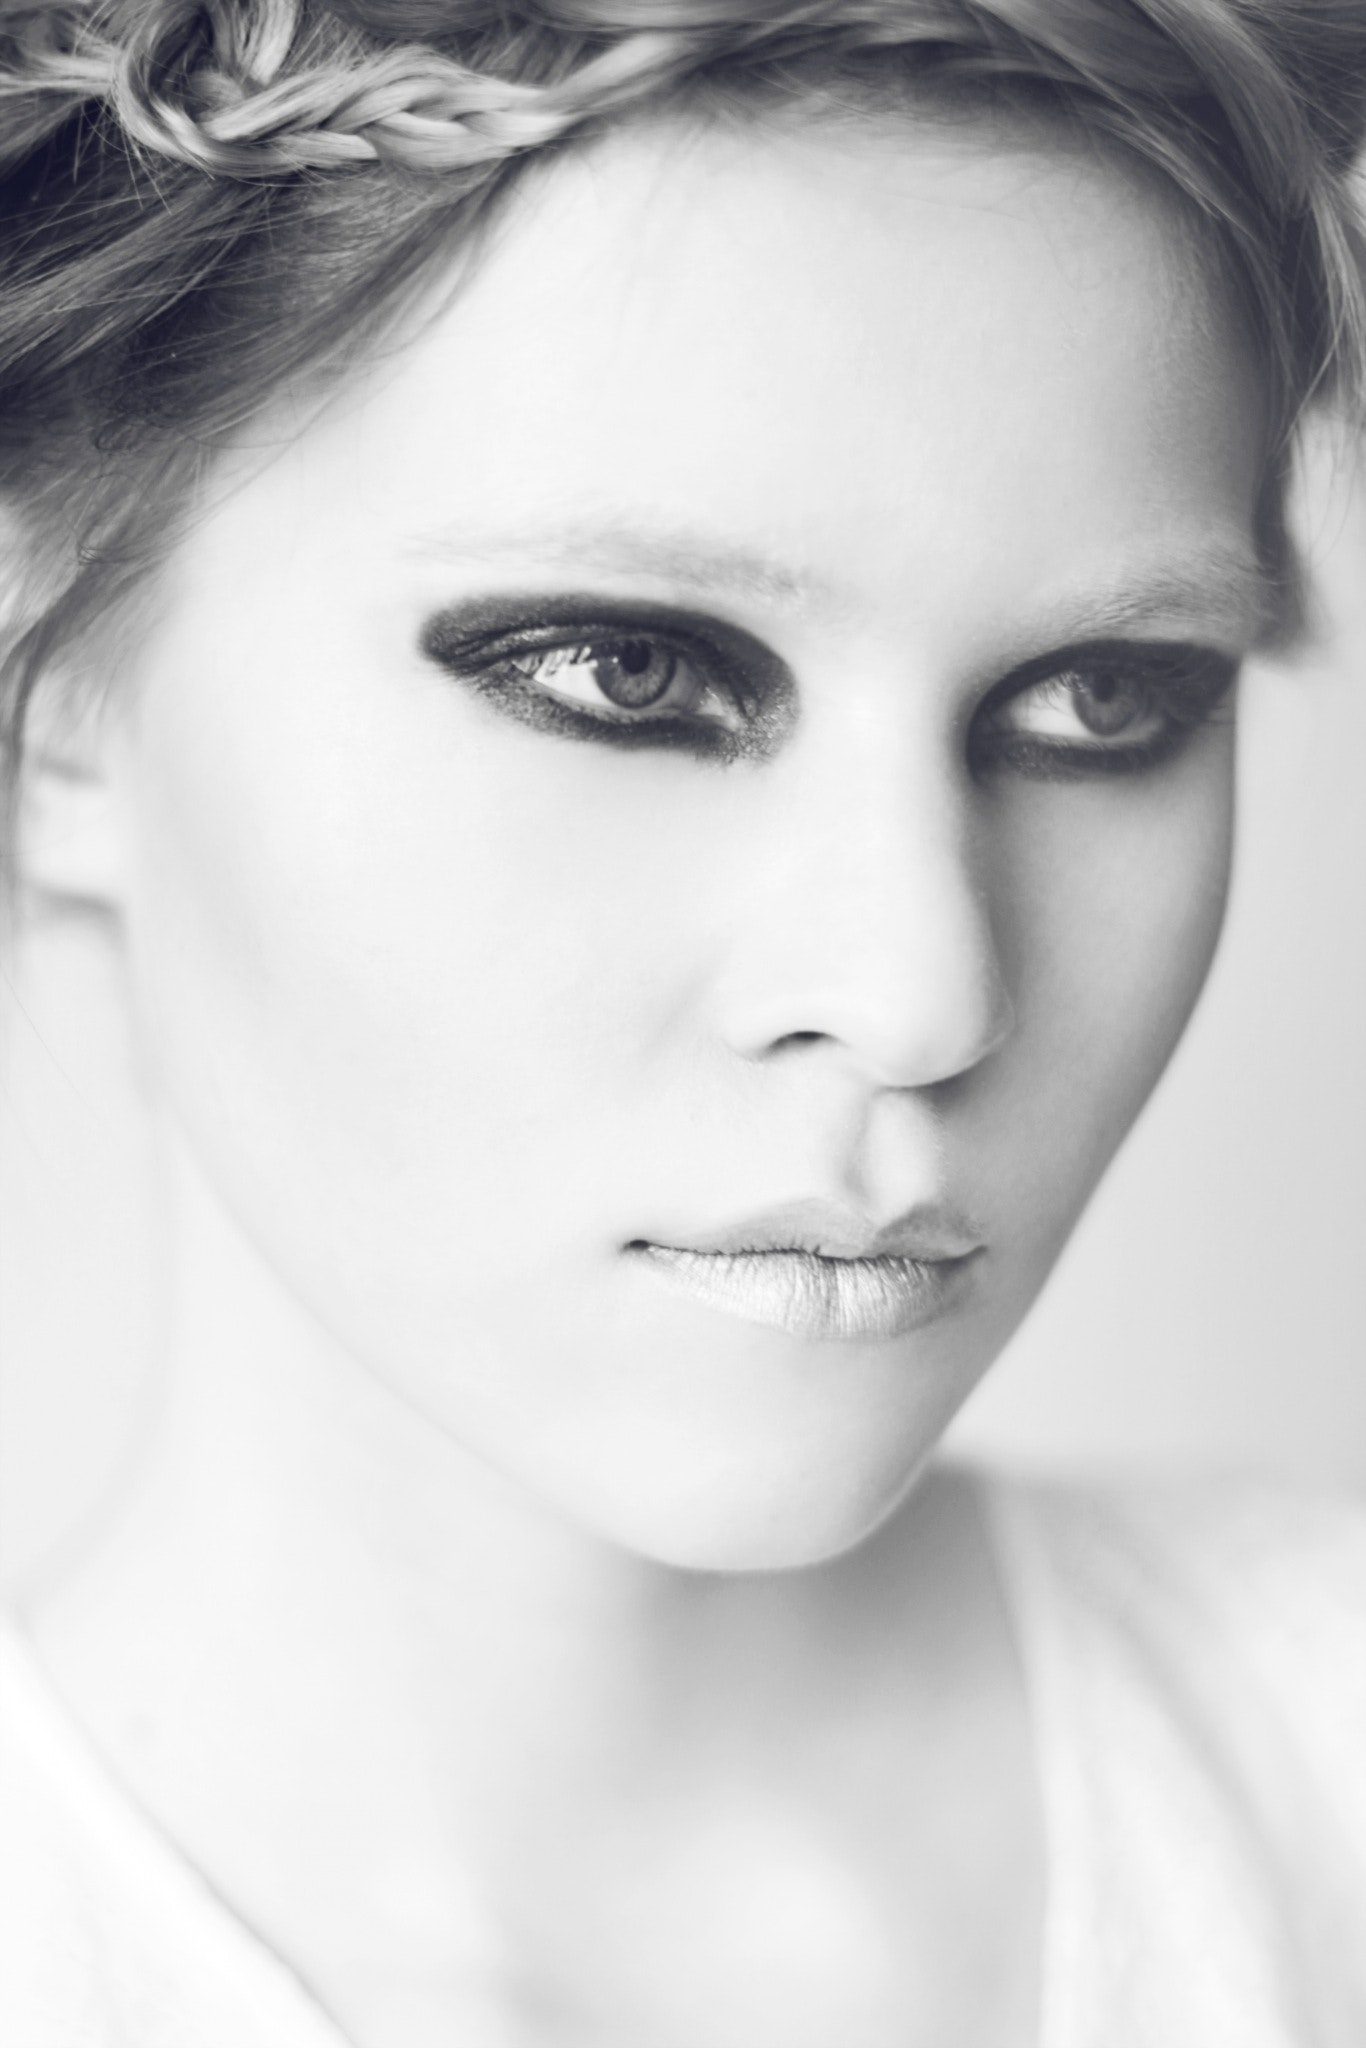 Anna Blinova's Model portfolio